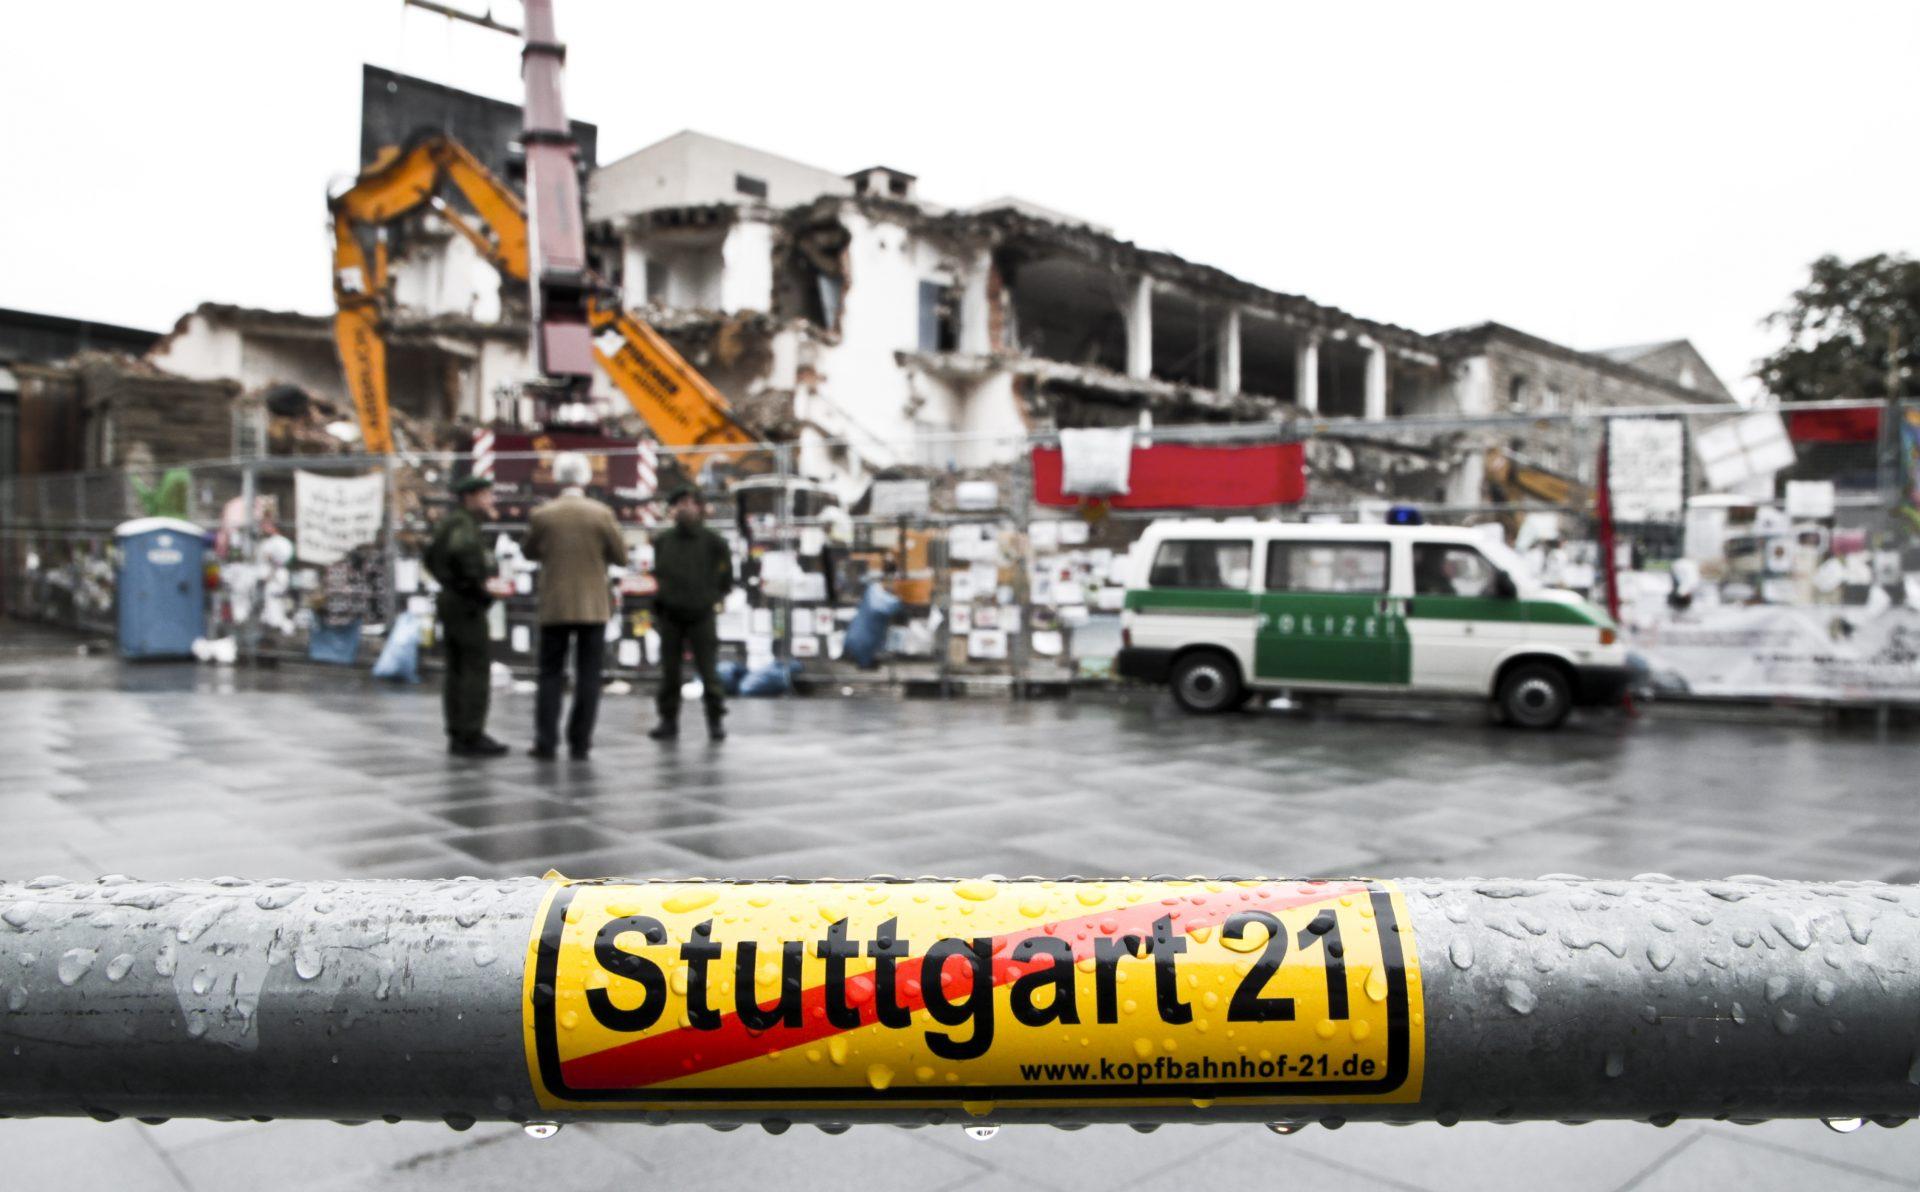 Stuttgart 21, Bild: Jens Z. pixelio.de